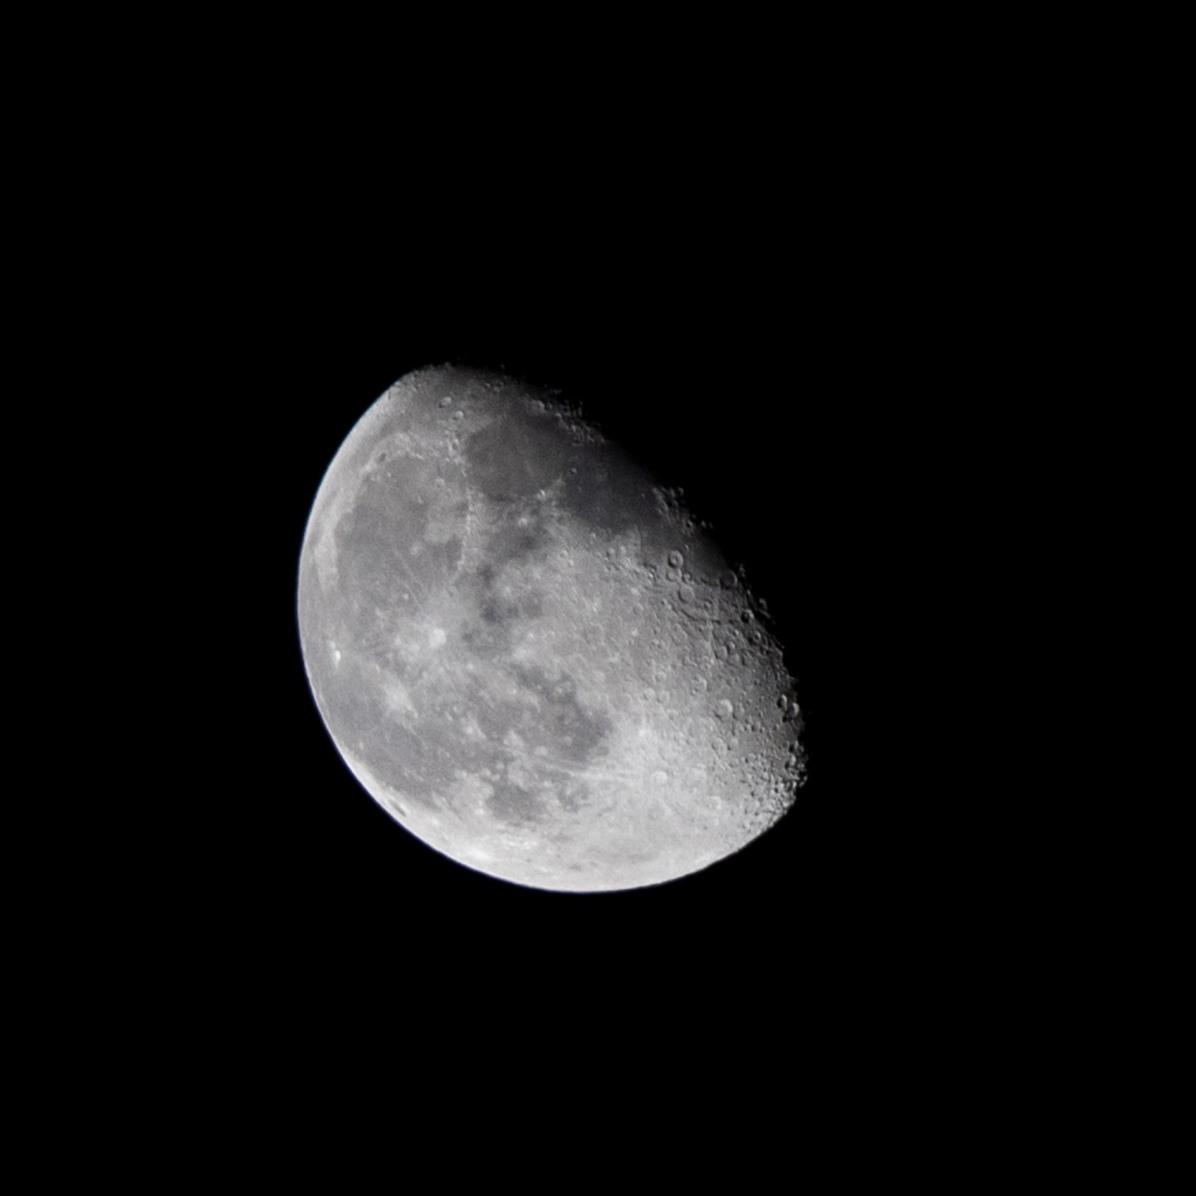 De afnemende maan, dag 5 vanaf volle maan. 24-02-2019 Tijdstip 03:07 Maanopkomst 23.21 Maanondergang 09.44 (Maan 5)